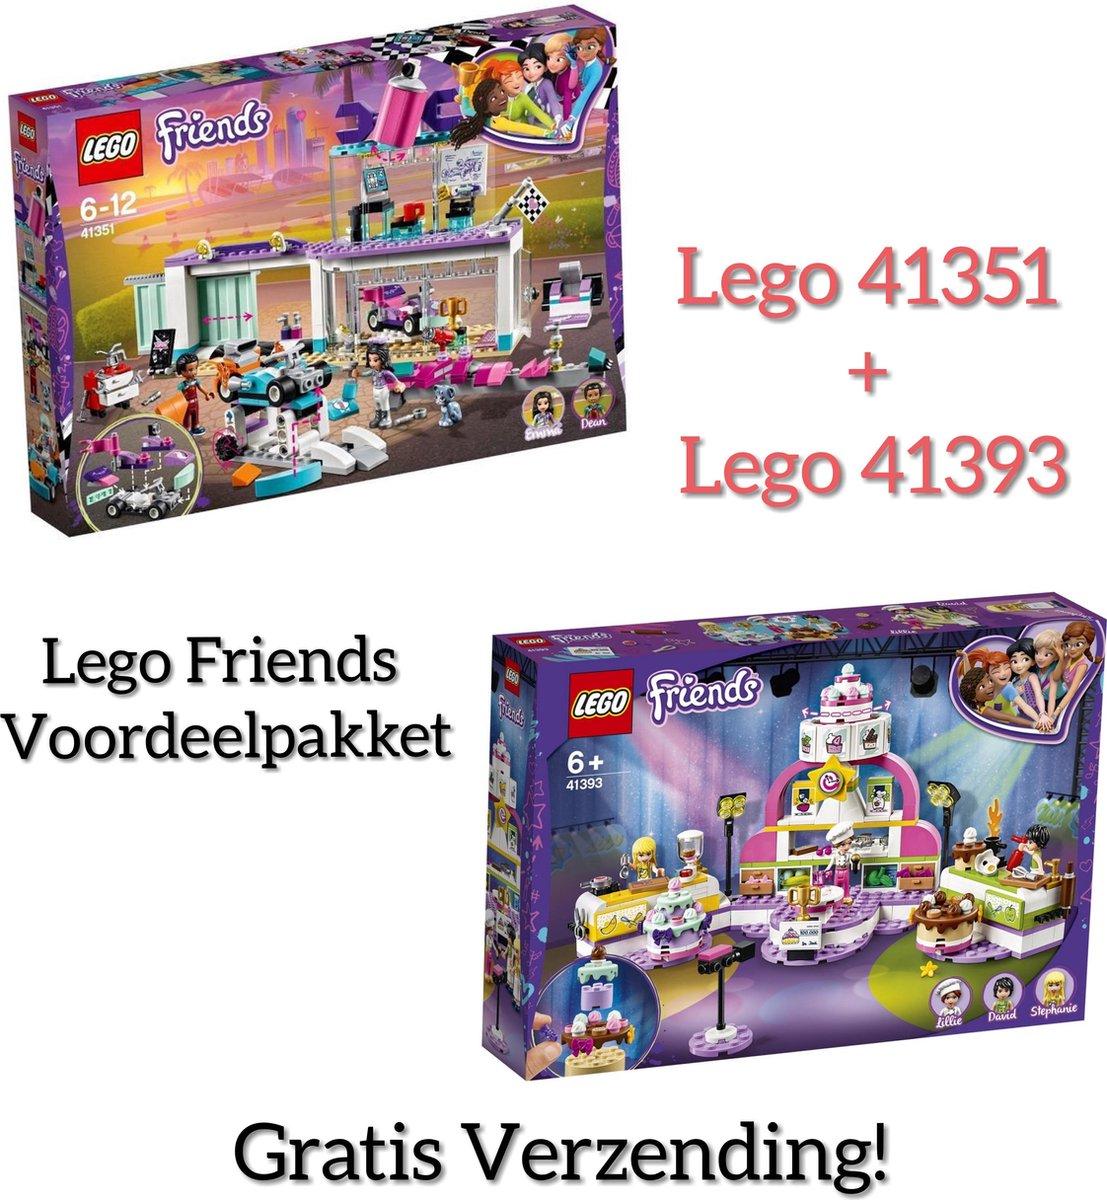 LEGO FRIENDS  VOOREELPAKKET /LEGO Friends Kart Creatieve Tuningshop  41351 + LEGO Friends Bakwedstrijd 41393 (GRATIS VERZENDING)